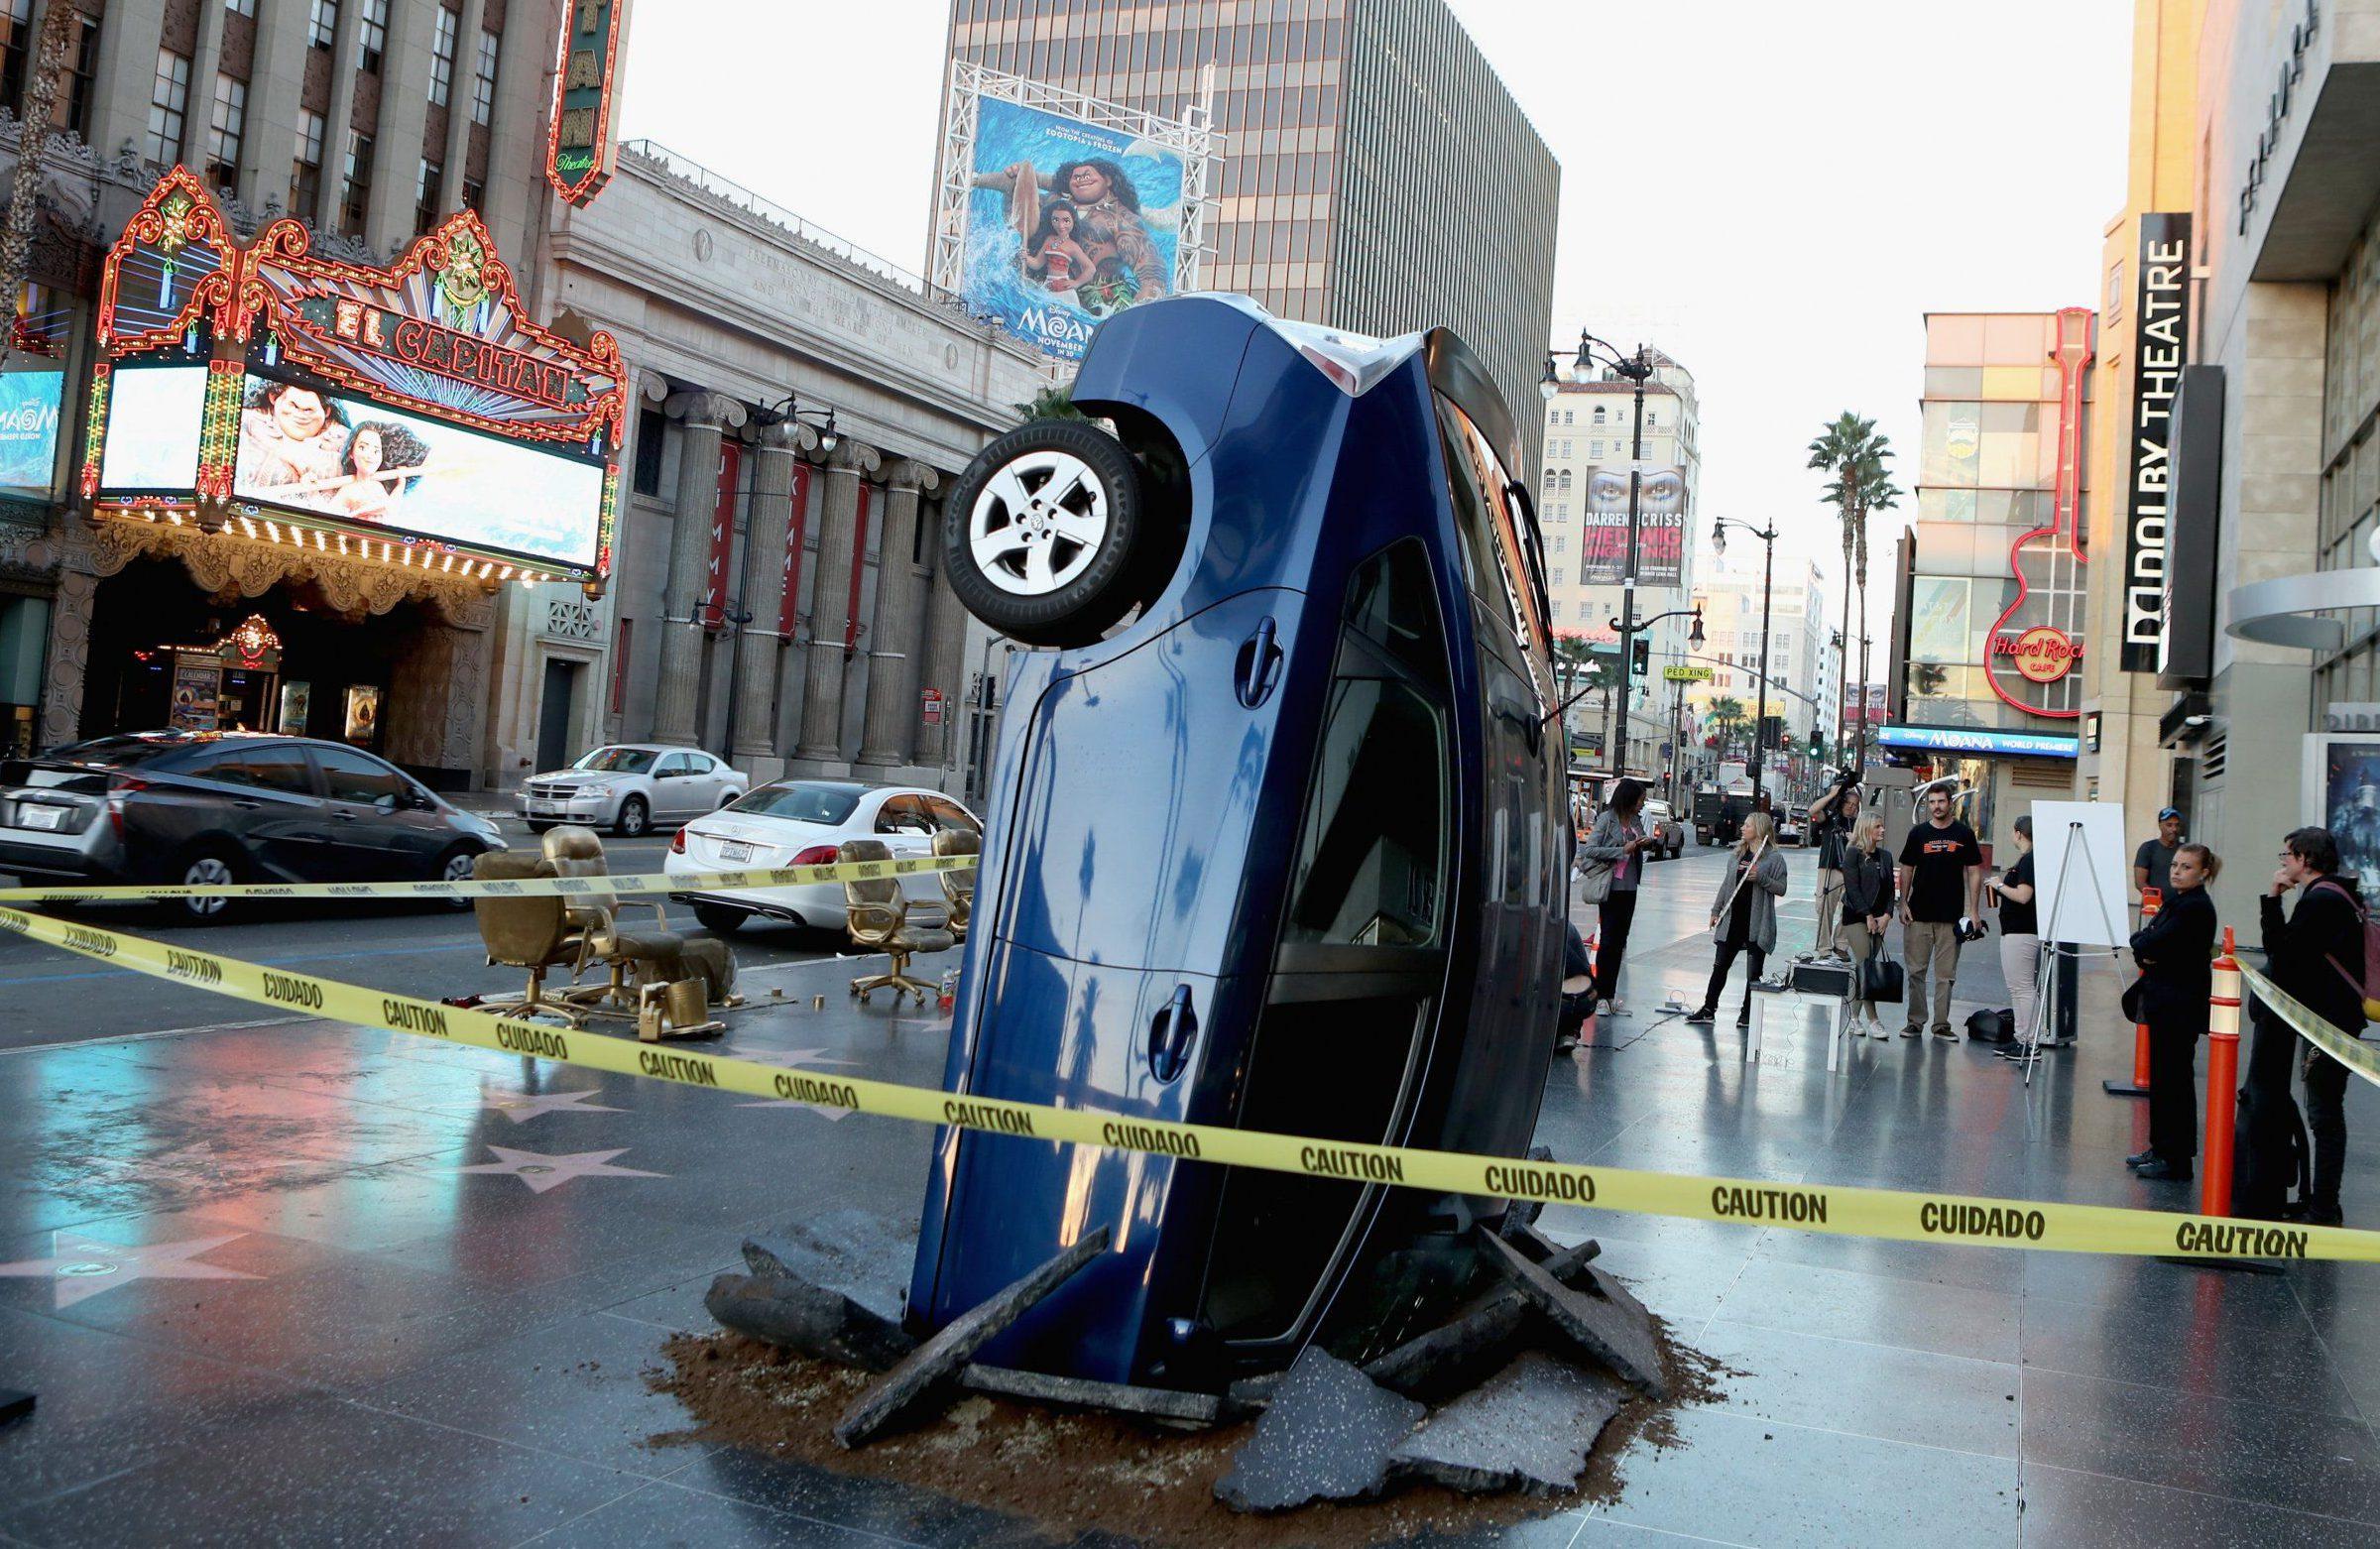 Car crash promo for Jeremy Clarkson's The Grand Tour slammed for 'glorifying dangerous driving'